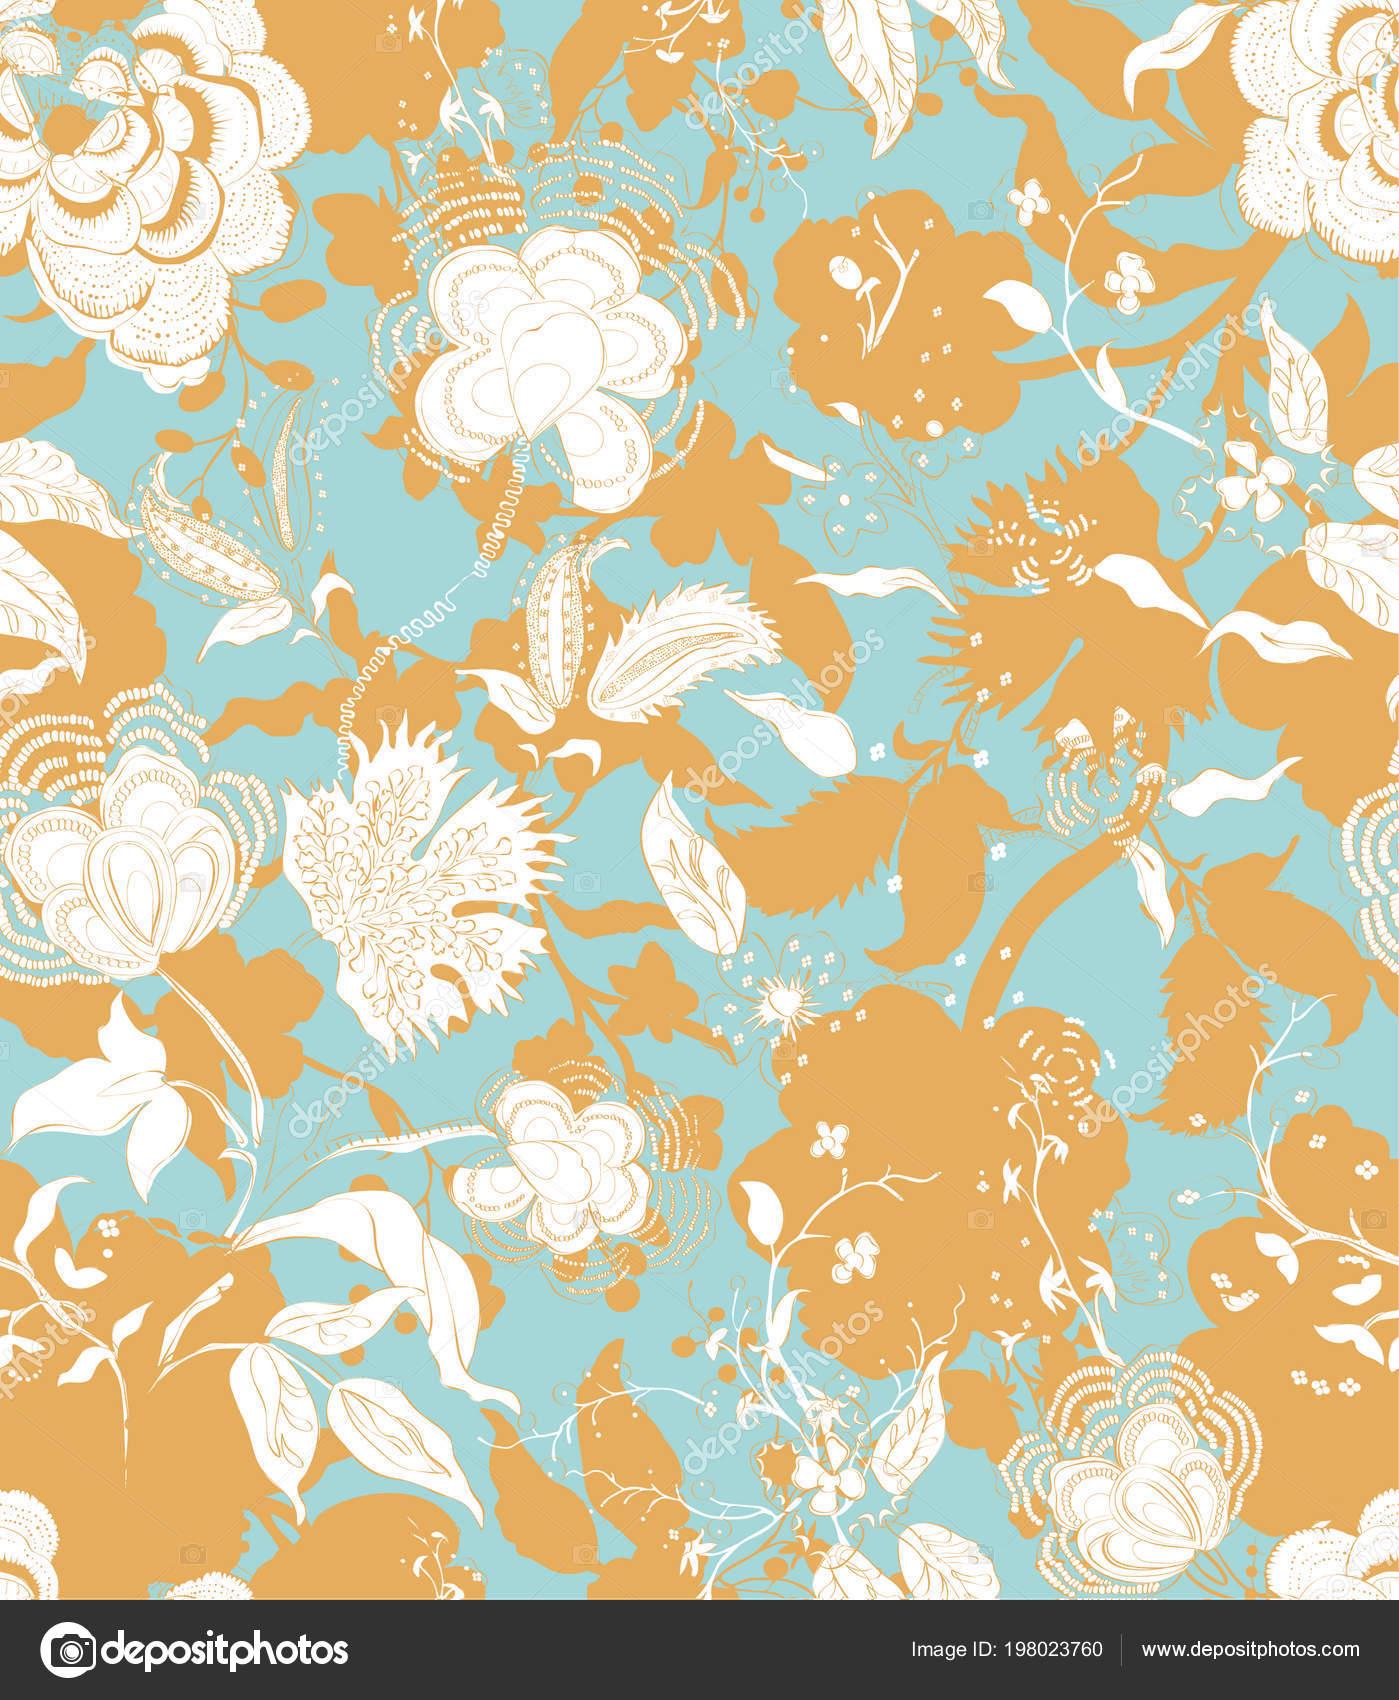 Modèle Vintage Décoration Fond Floral Sans Soudure Toile De Fond